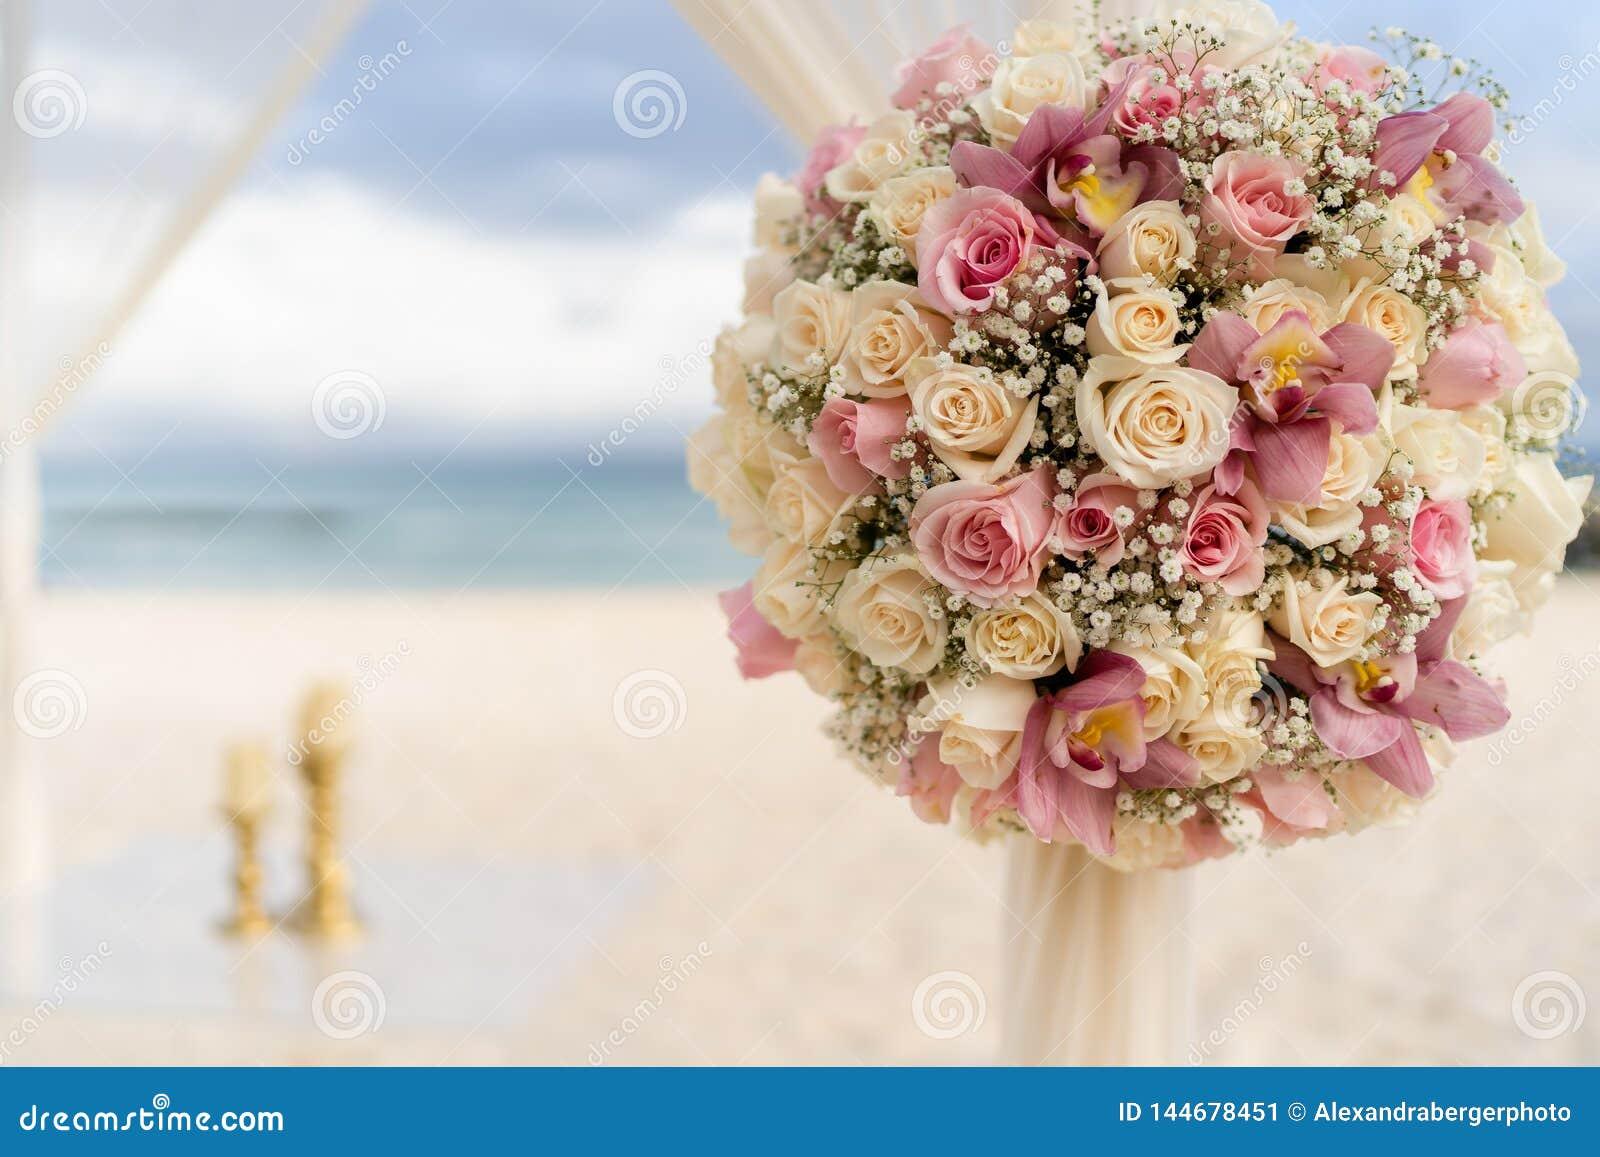 Decoração romântica com flores de um casamento de praia na praia com o mar no fundo